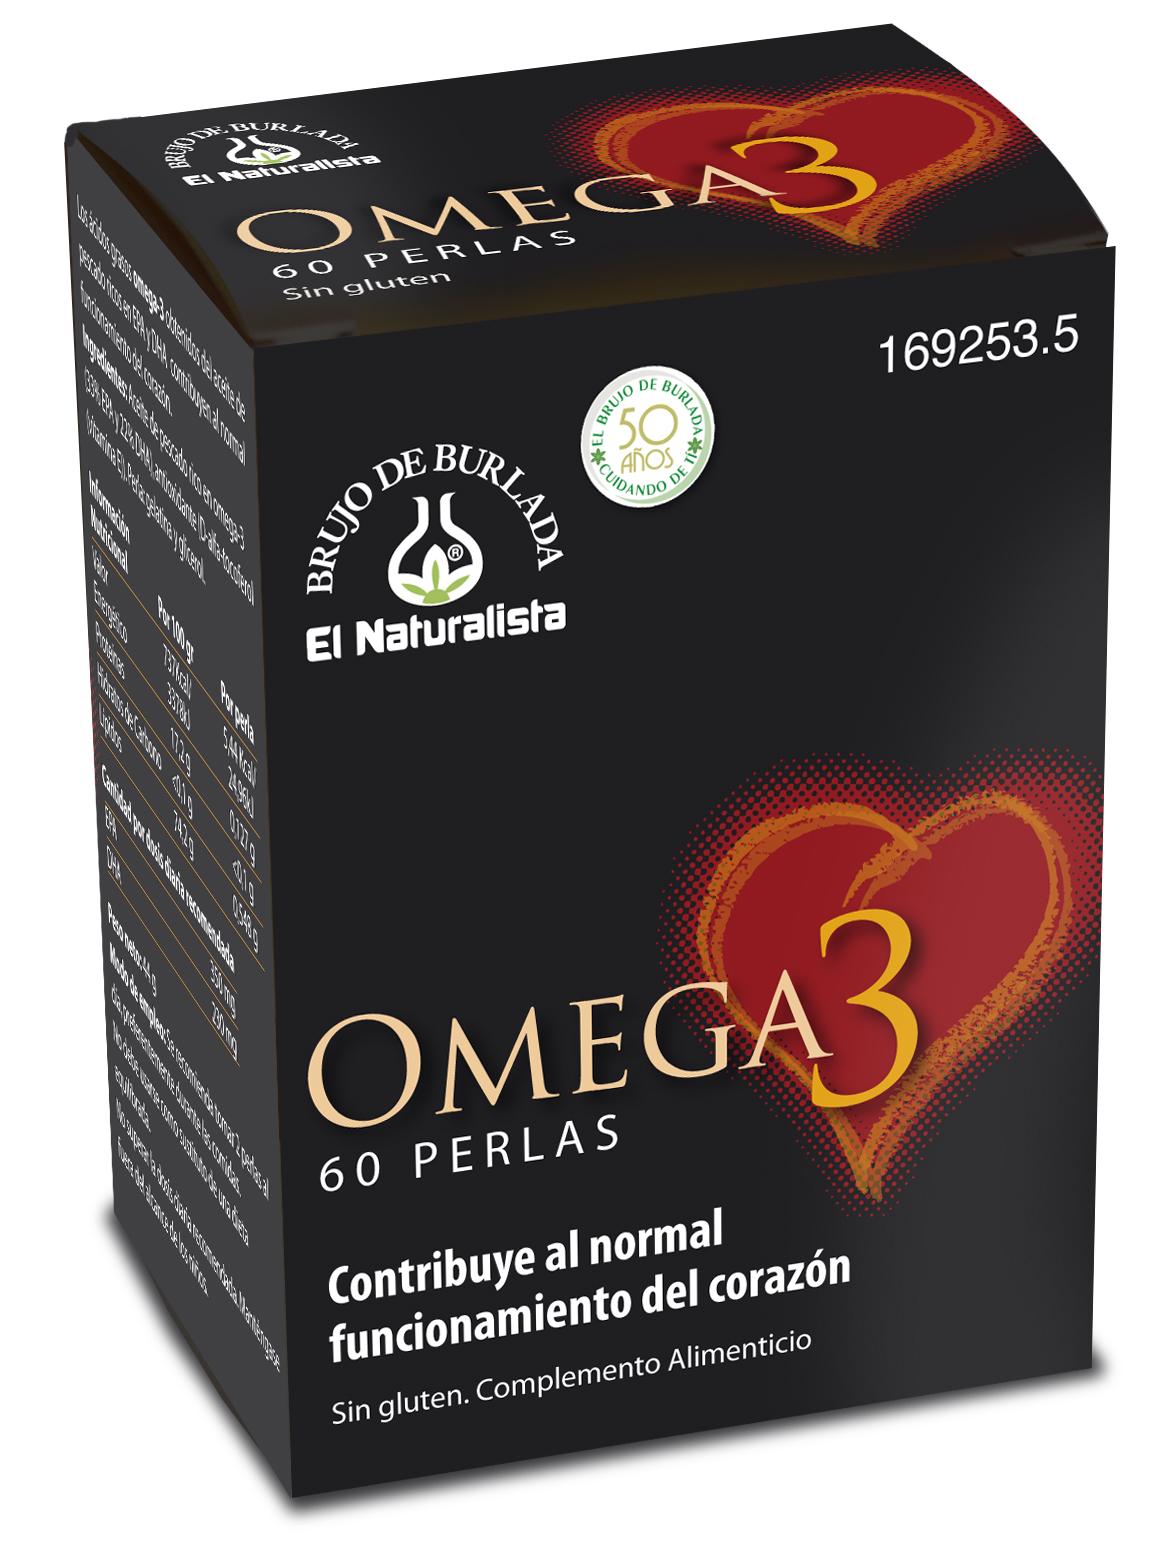 Omega 3 imagen